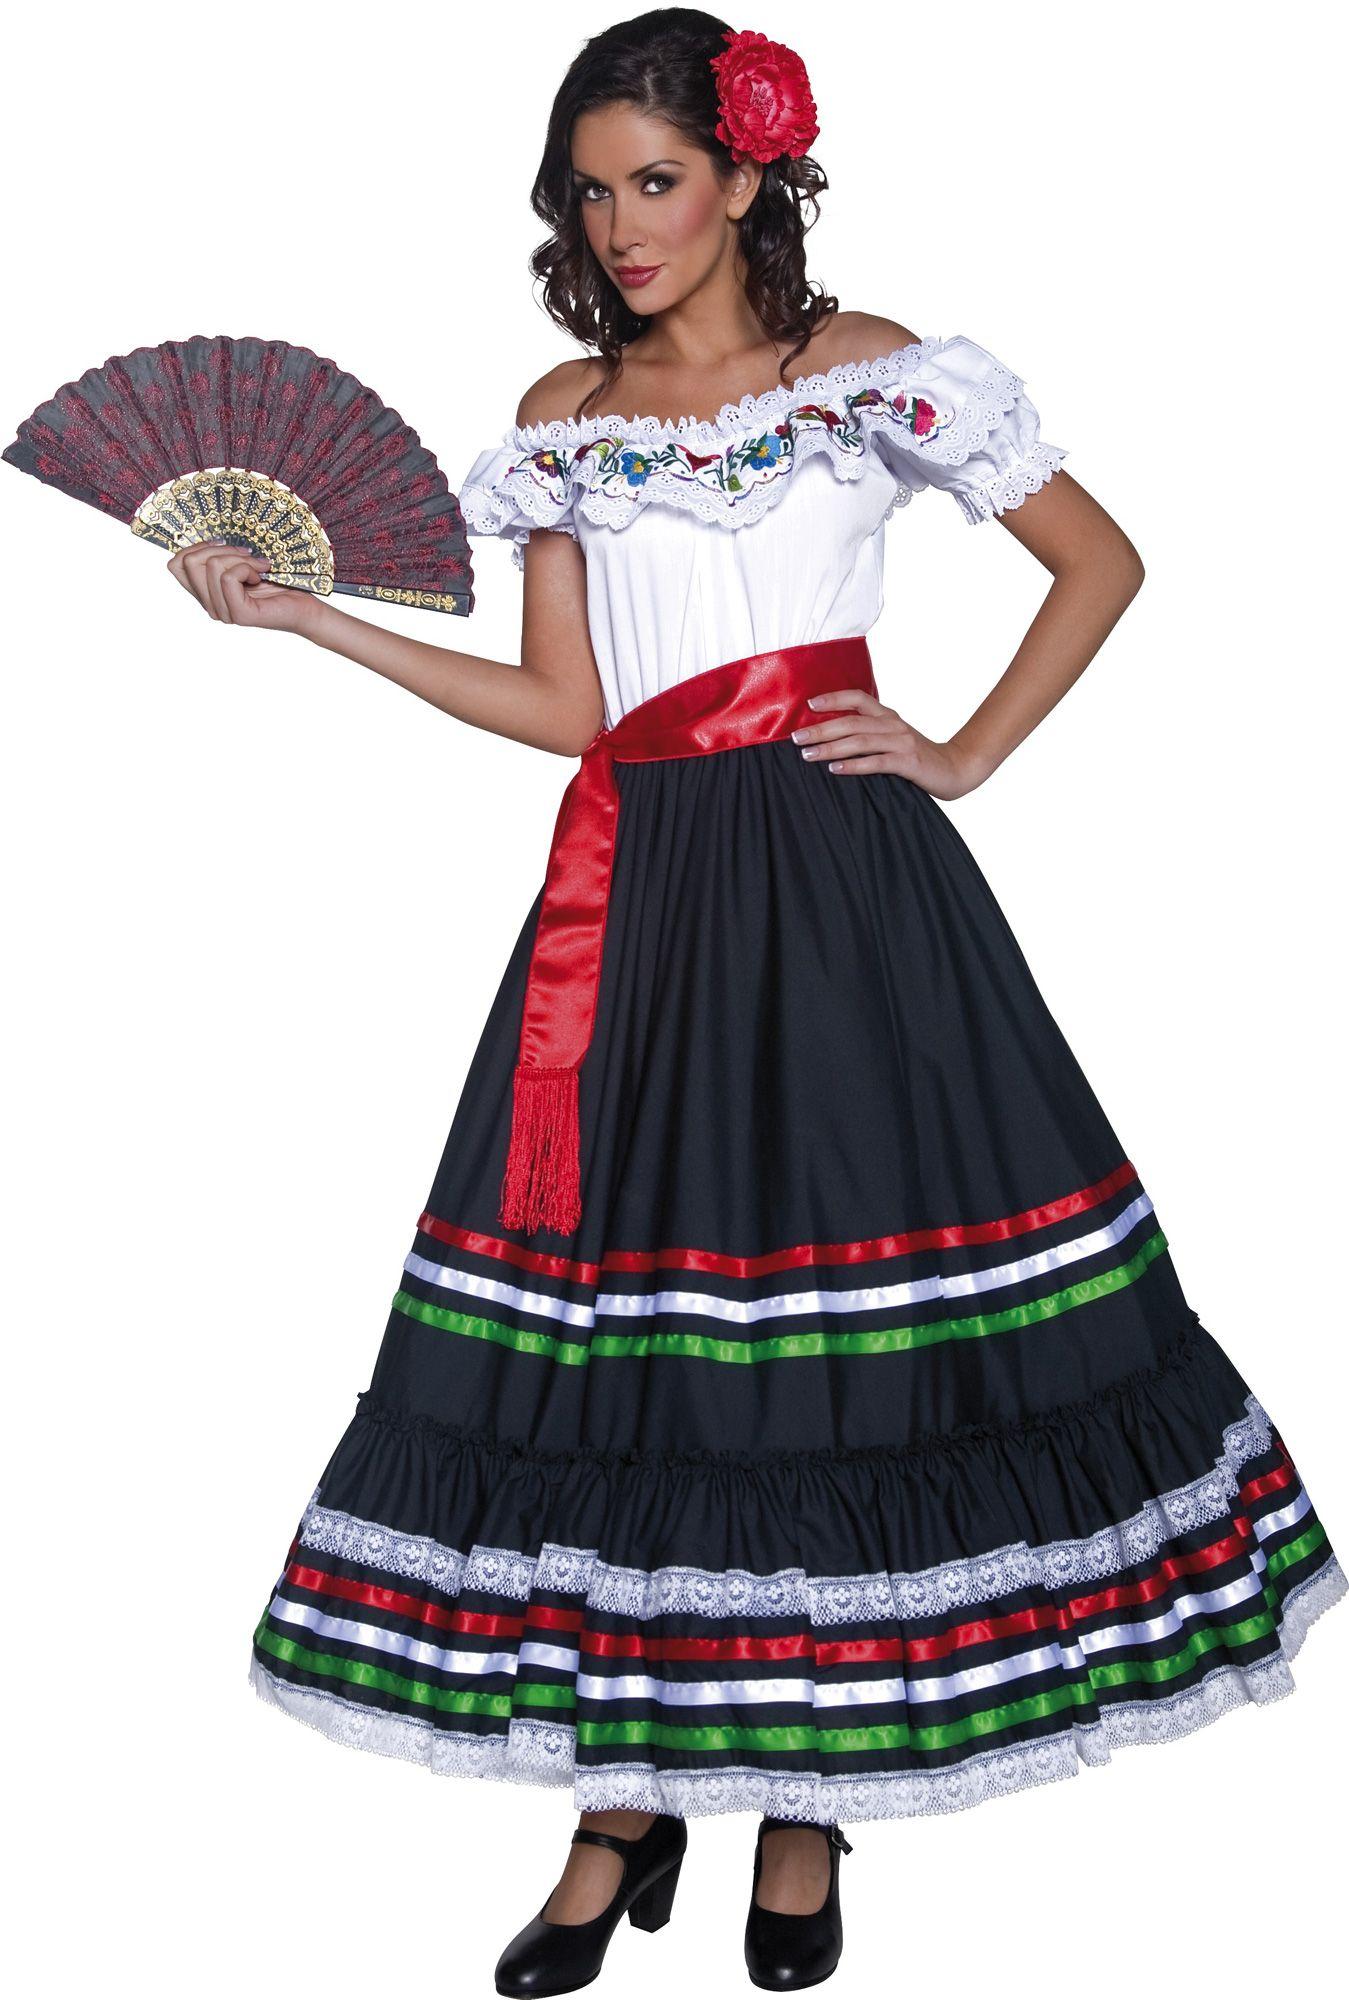 8d2220655ded6 smiffys disfraz sexy señorita - Buscar con Google